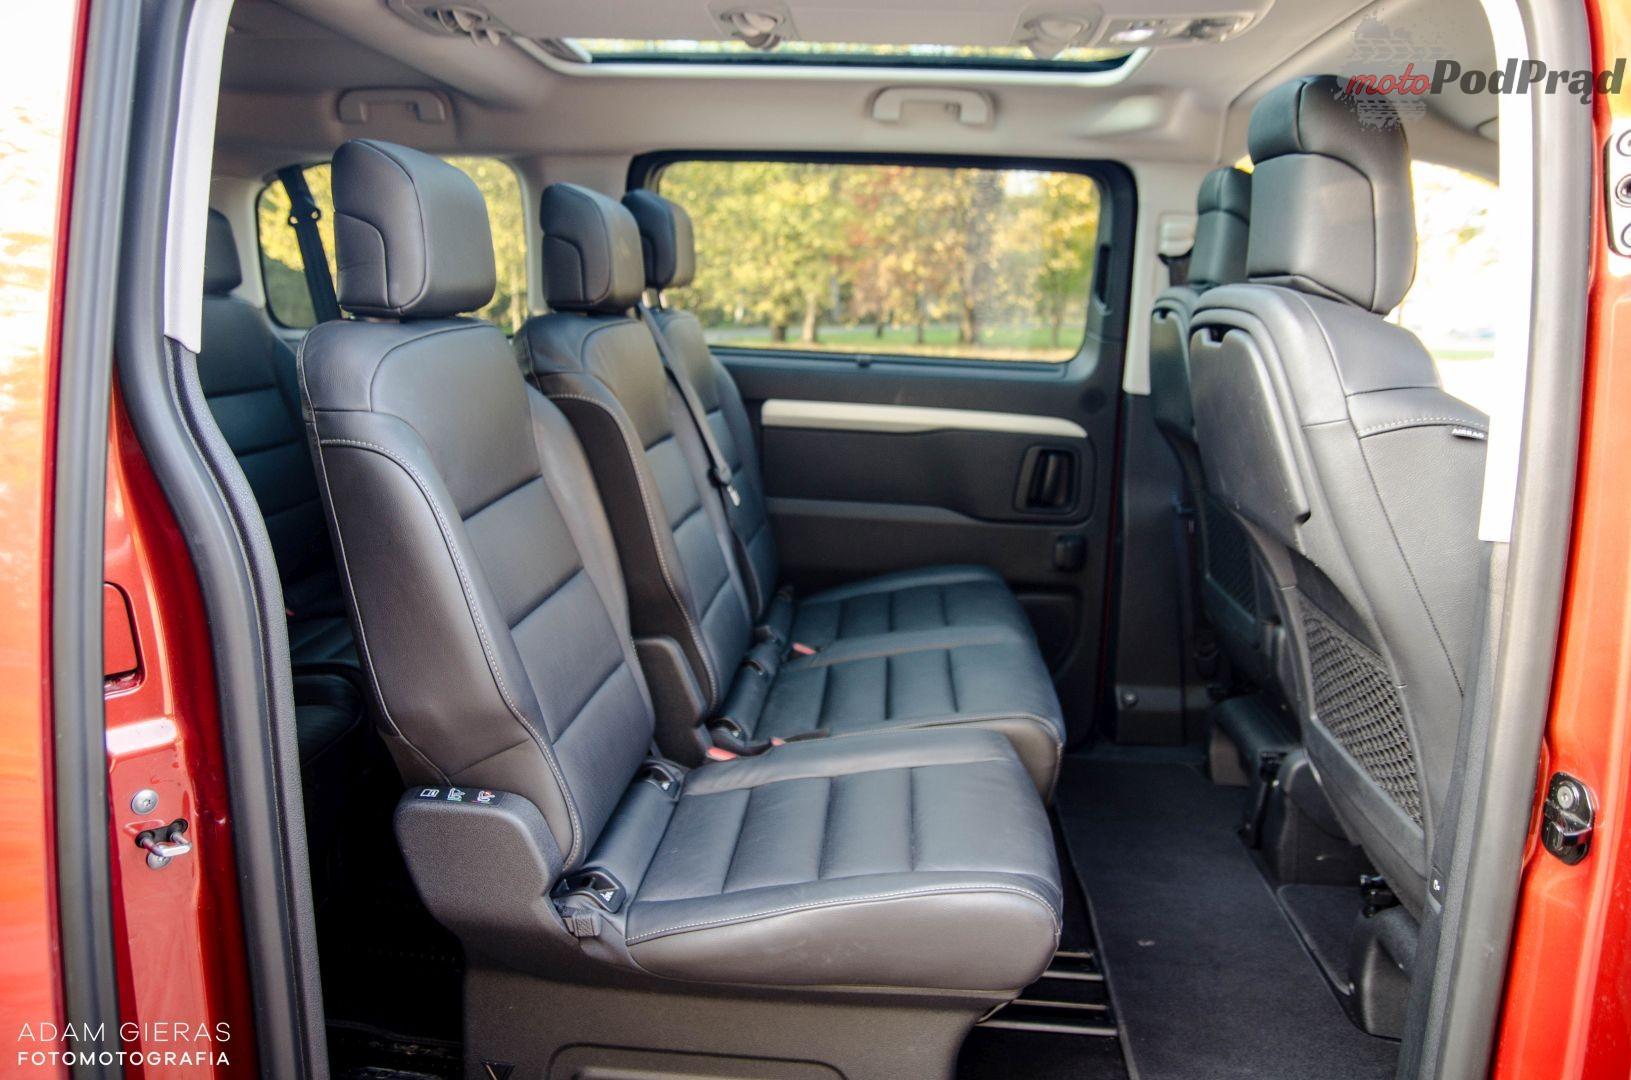 Peugeot Traveller 17 Test: Peugeot Traveller 2.0 BlueHDi Allure   na koniec świata i jeszcze dalej?